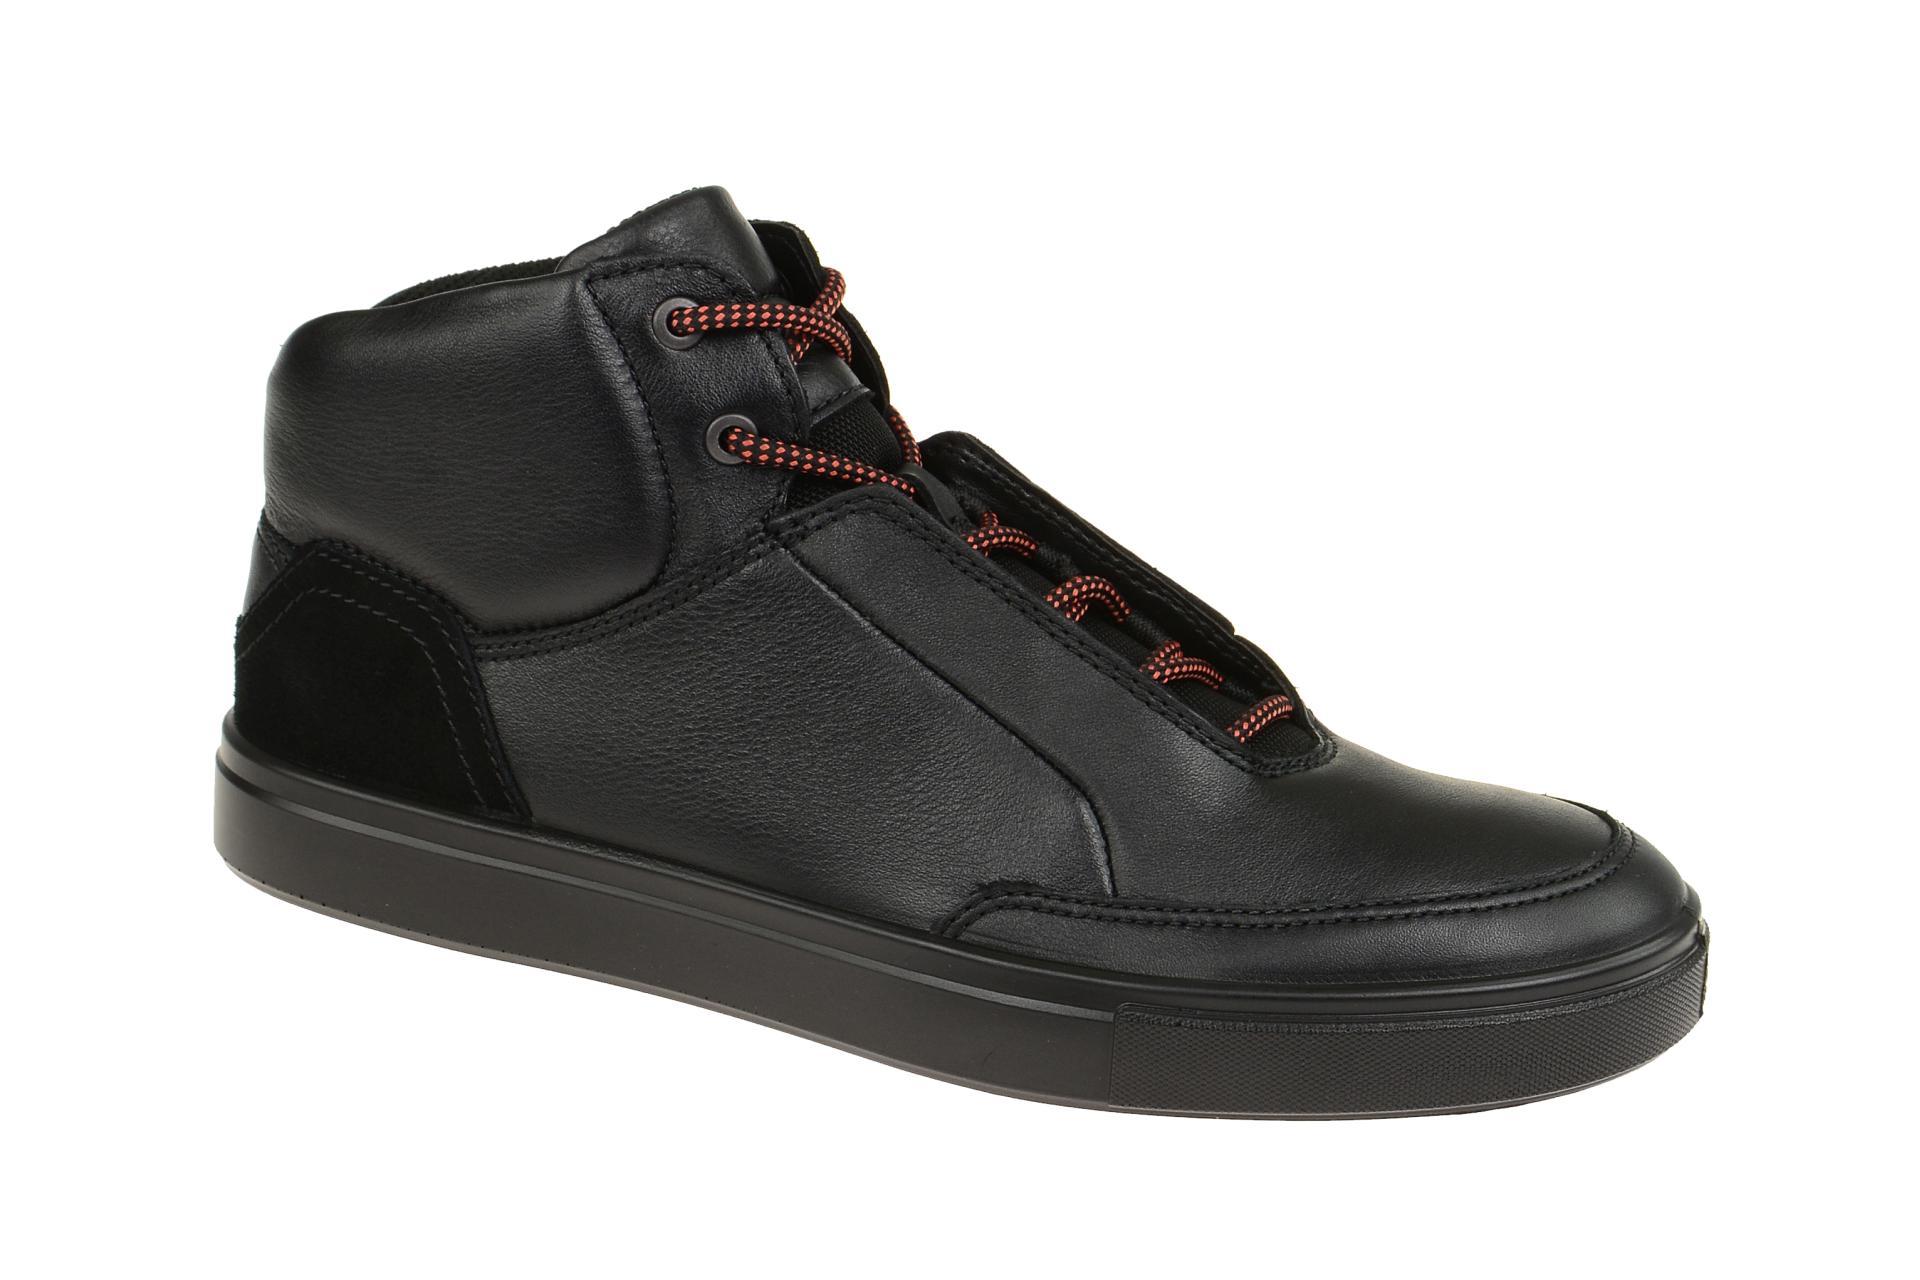 f9587a6eeb422e Ecco Schuhe KYLE schwarz Herrenschuhe Mid cut Sneaker 53066451052 ...